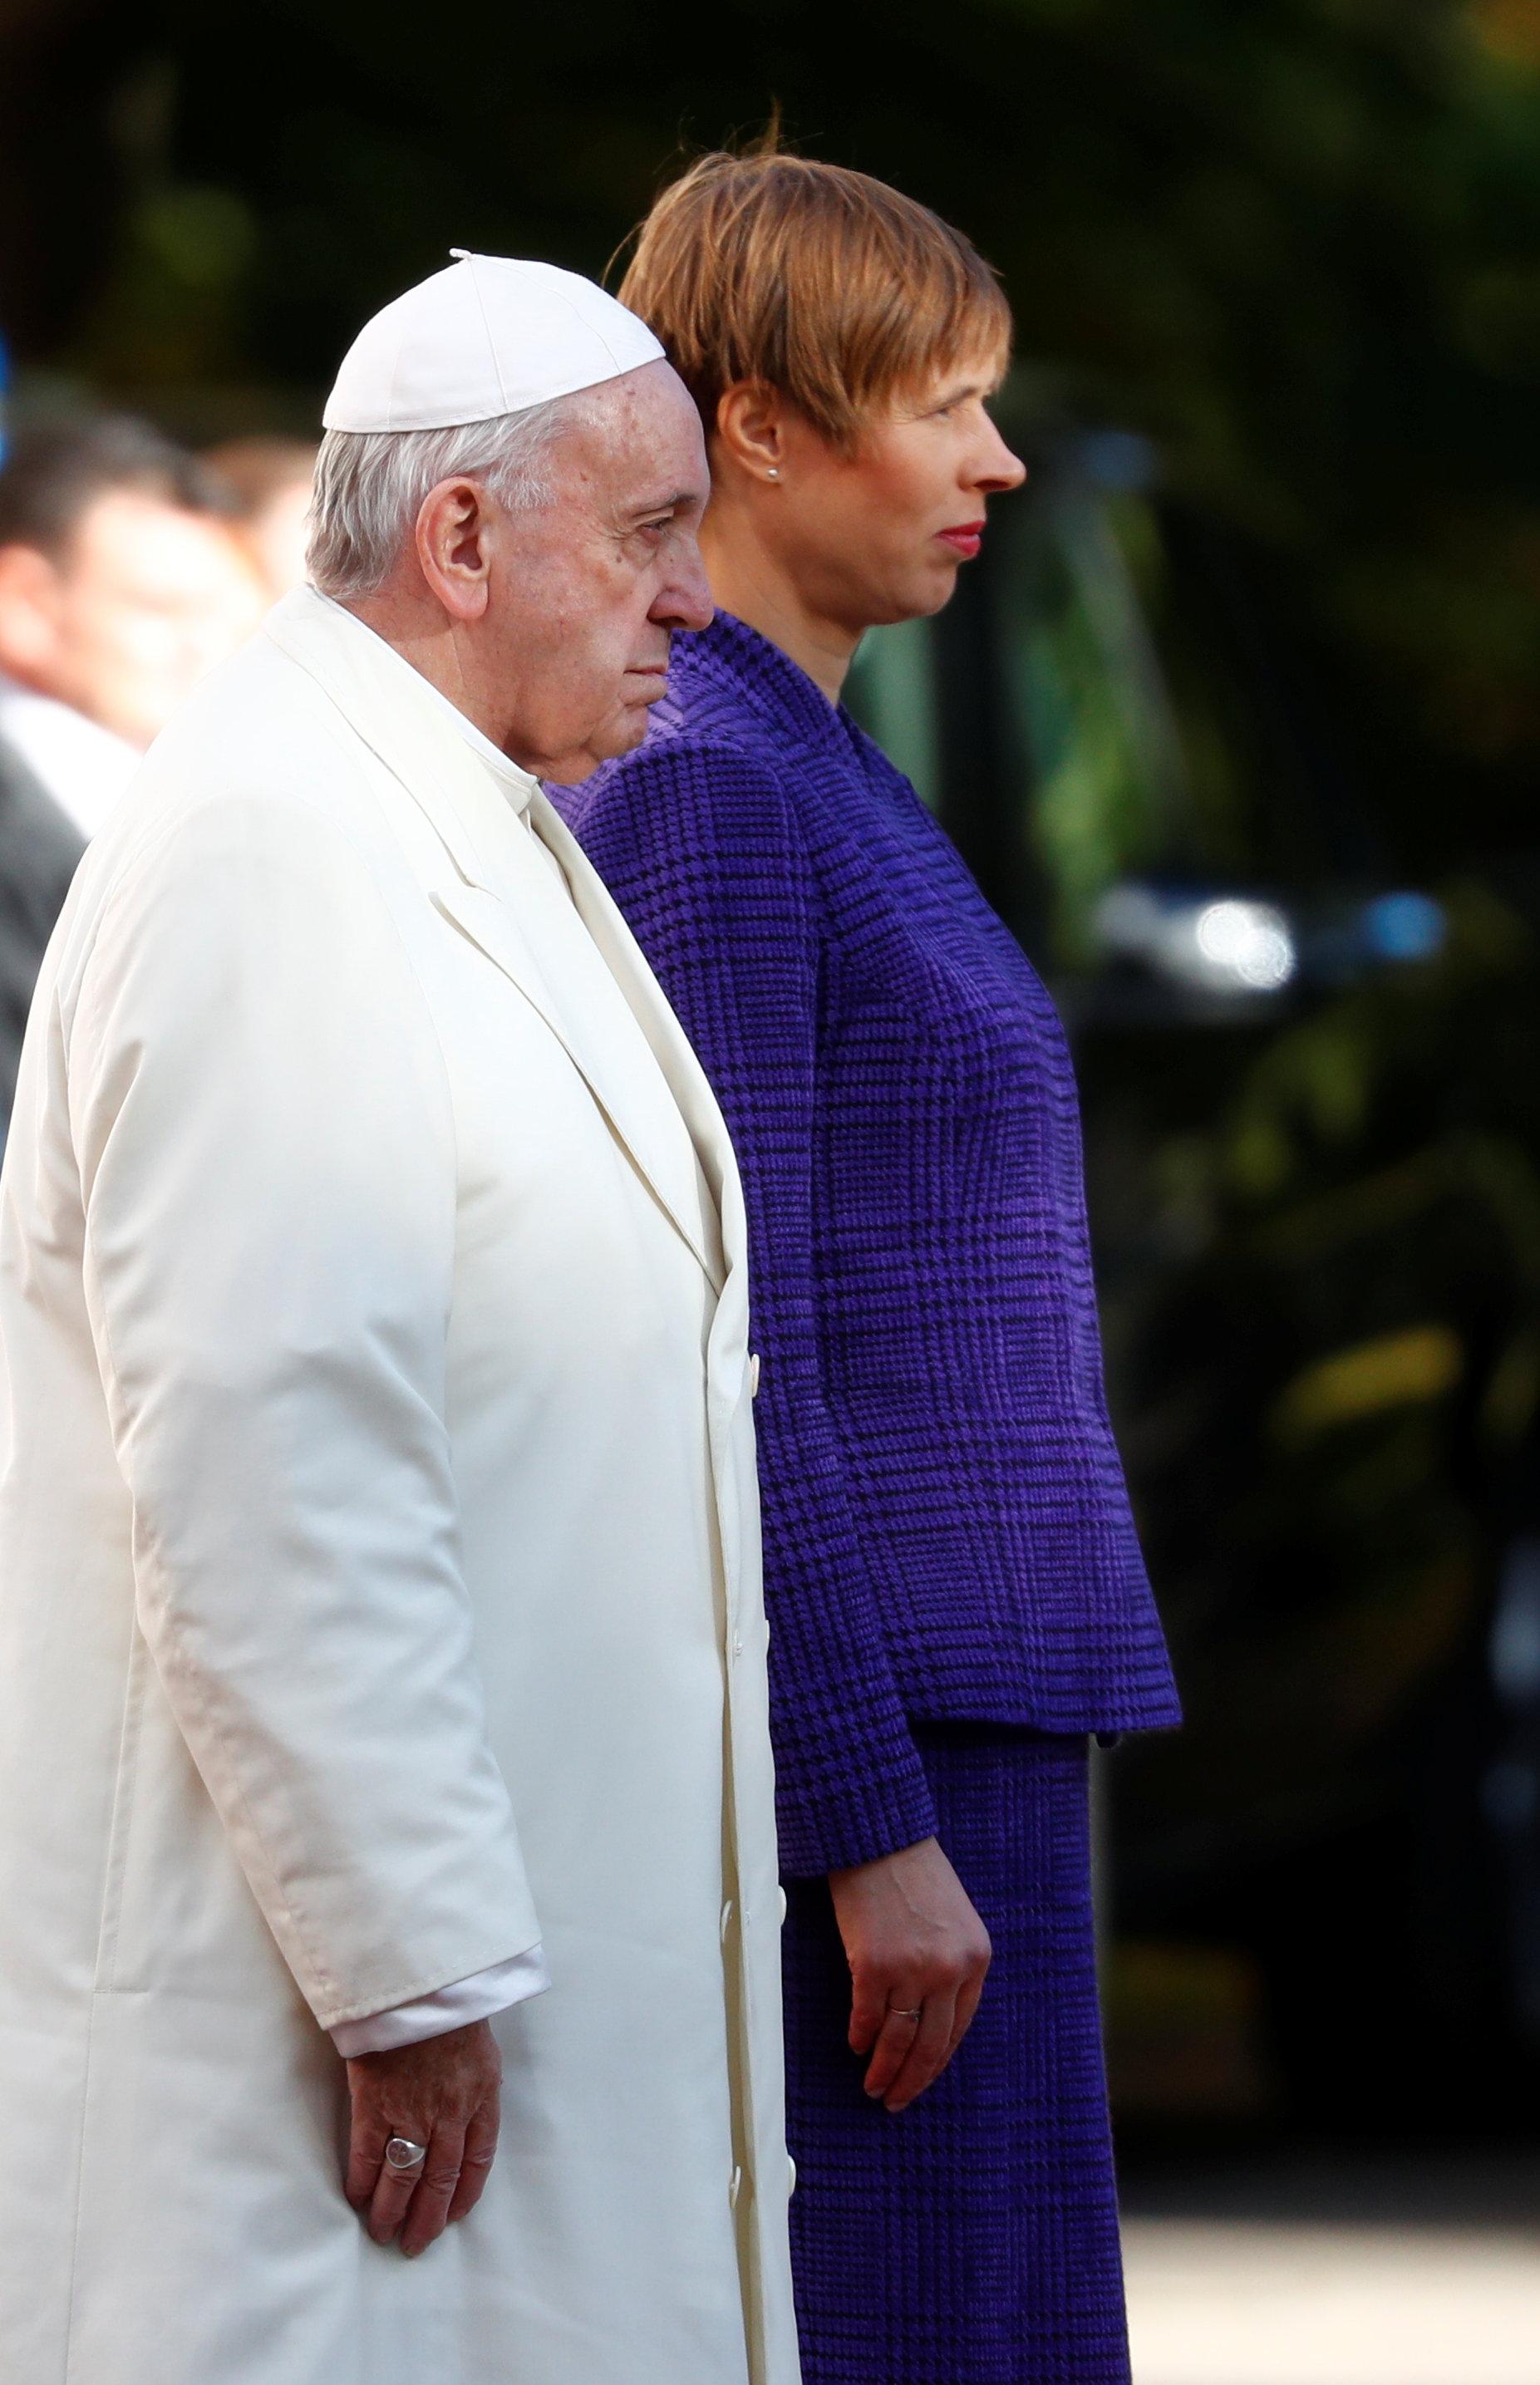 كيرستي كالجولد تستقبل البابا فرنسيس فى القصر الرئاسى فى تالين